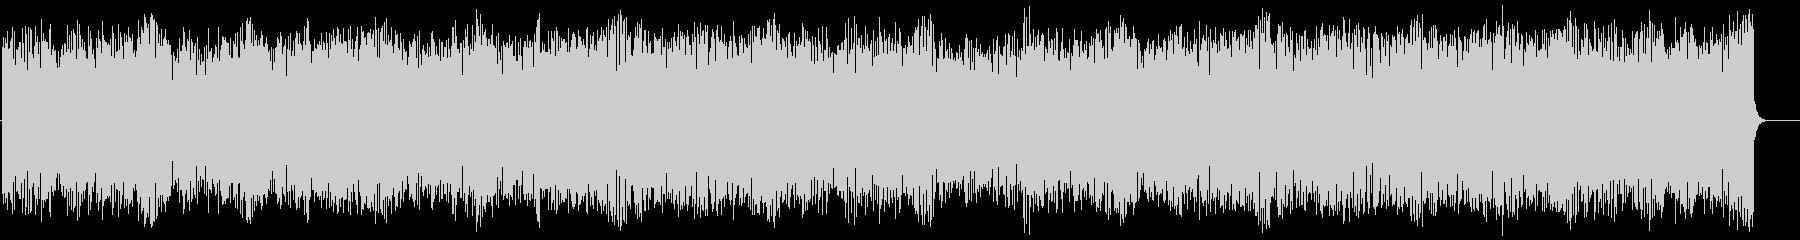 ラテン系フュージョン(フルサイズ)の未再生の波形